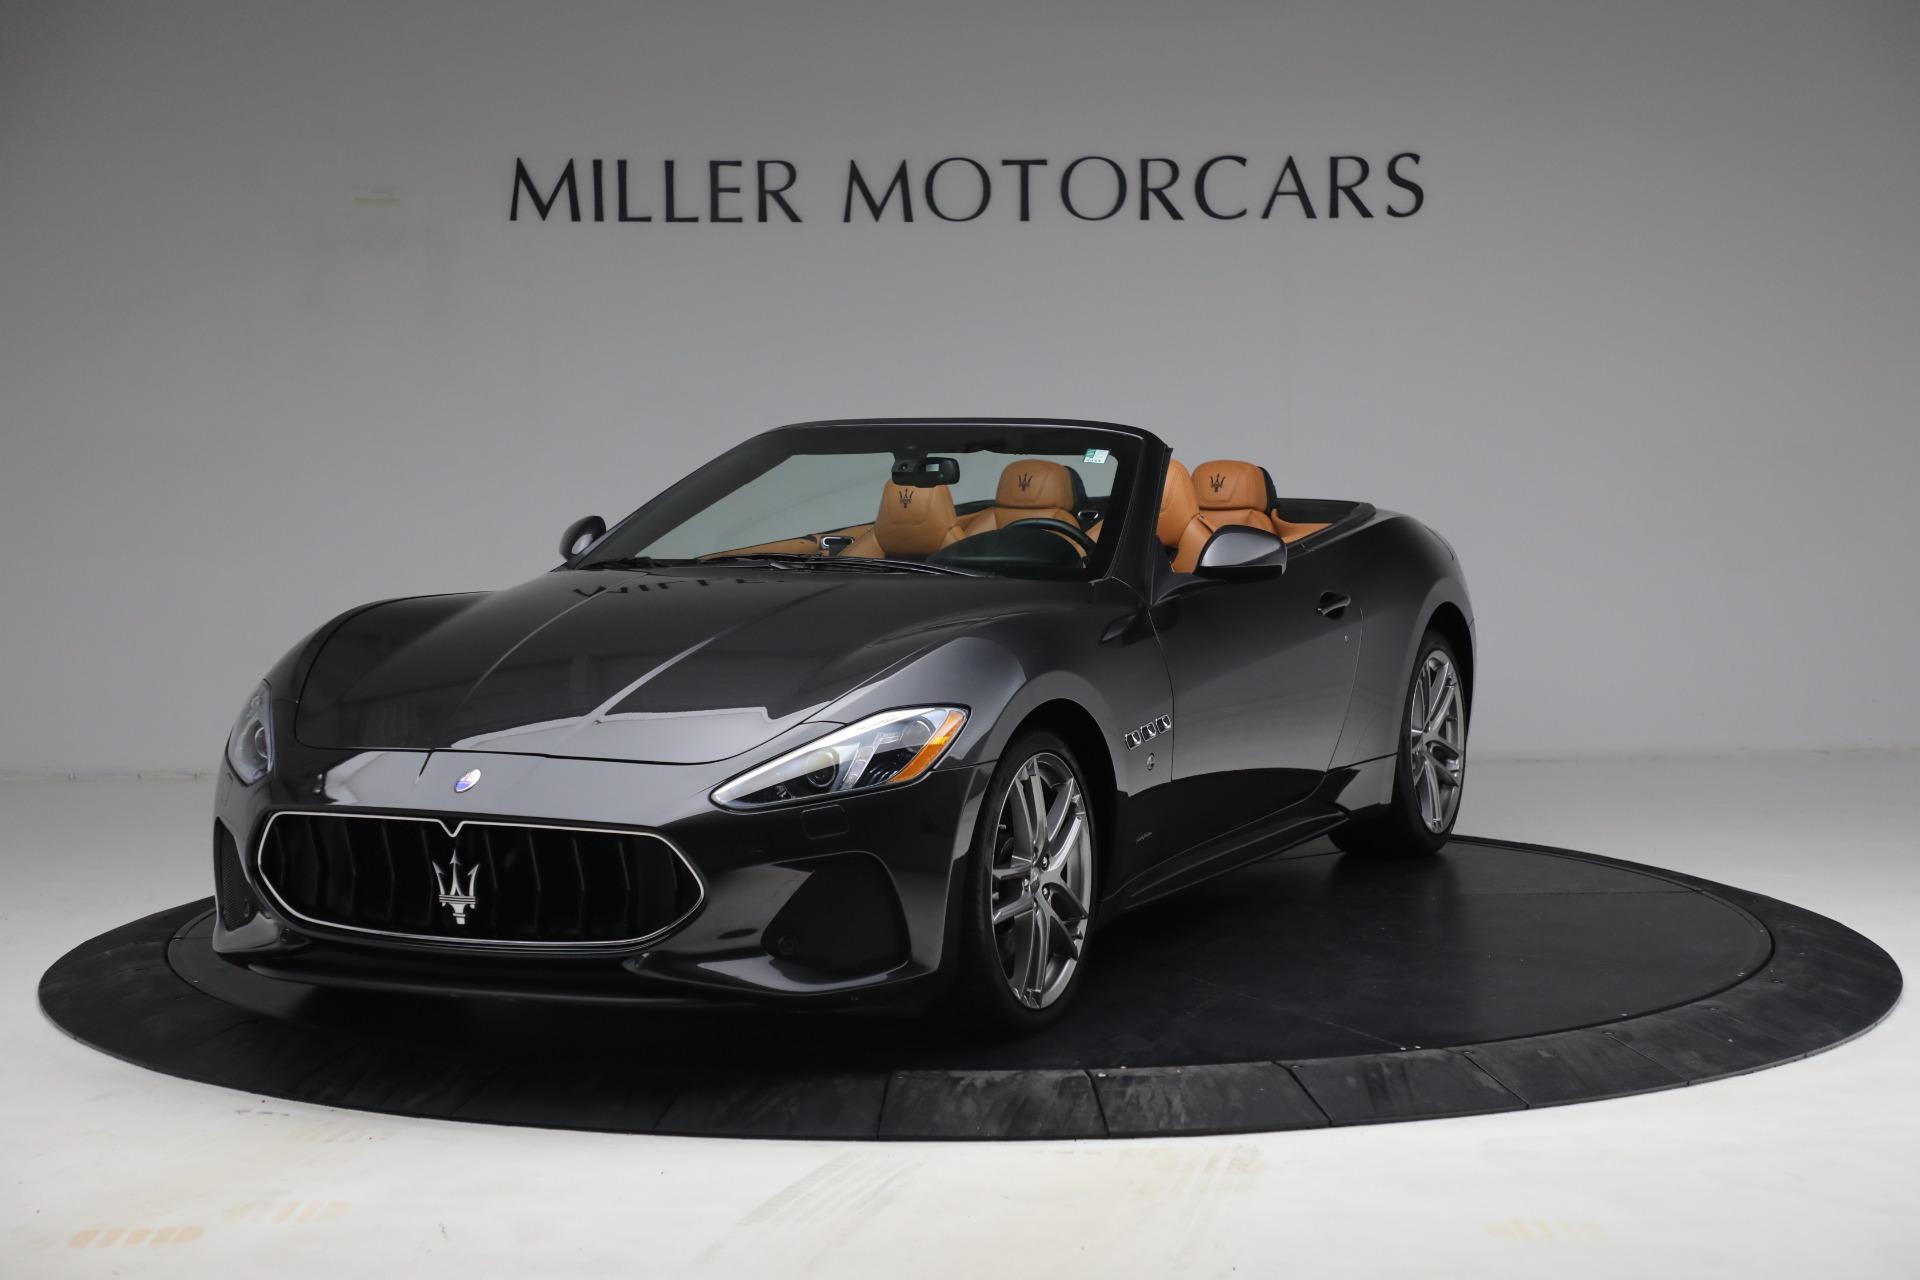 Used 2018 Maserati GranTurismo Sport for sale Sold at Maserati of Greenwich in Greenwich CT 06830 1